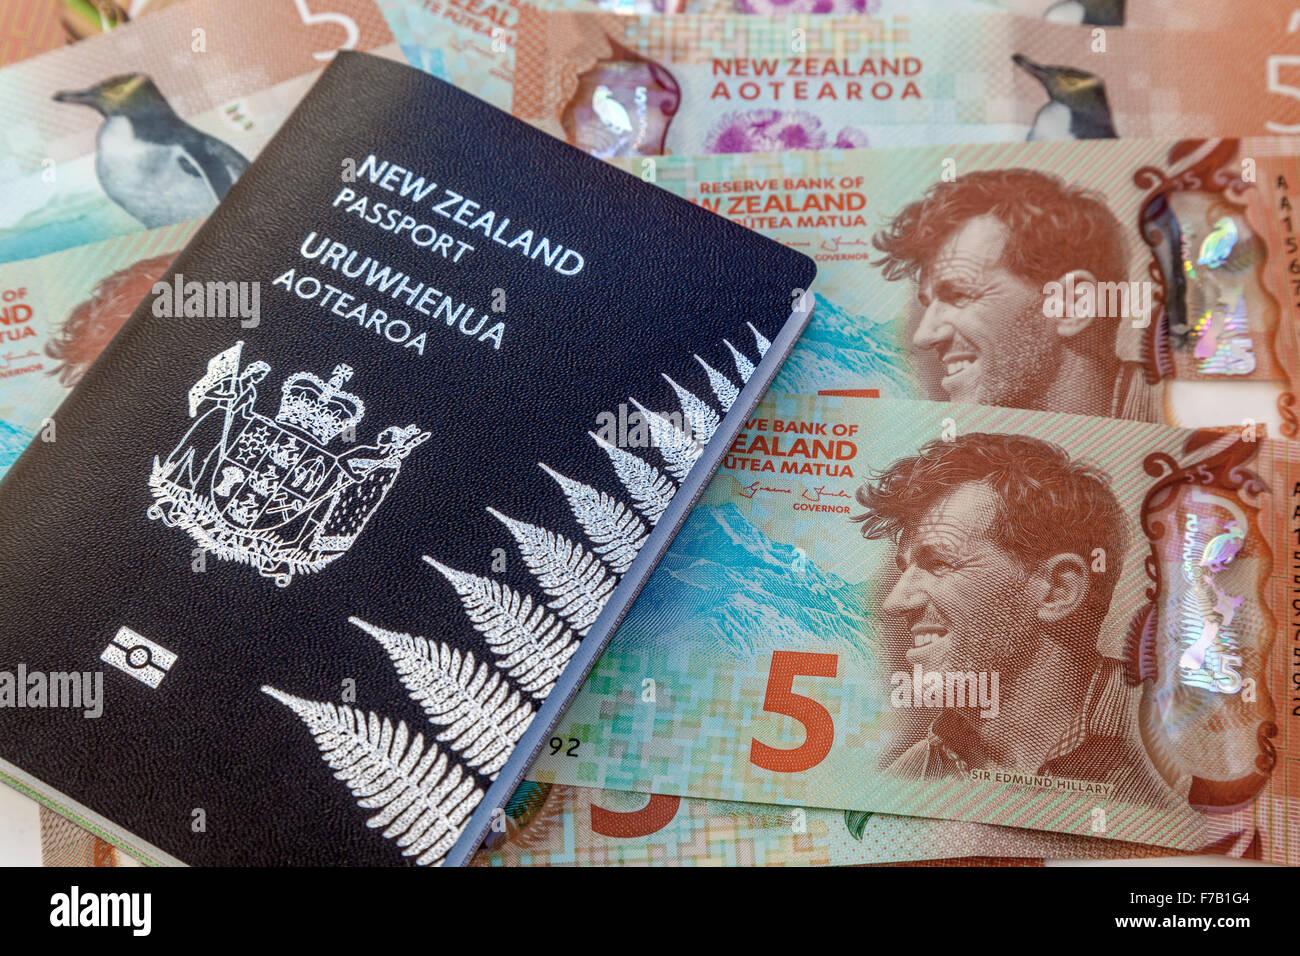 nz passport guide notes